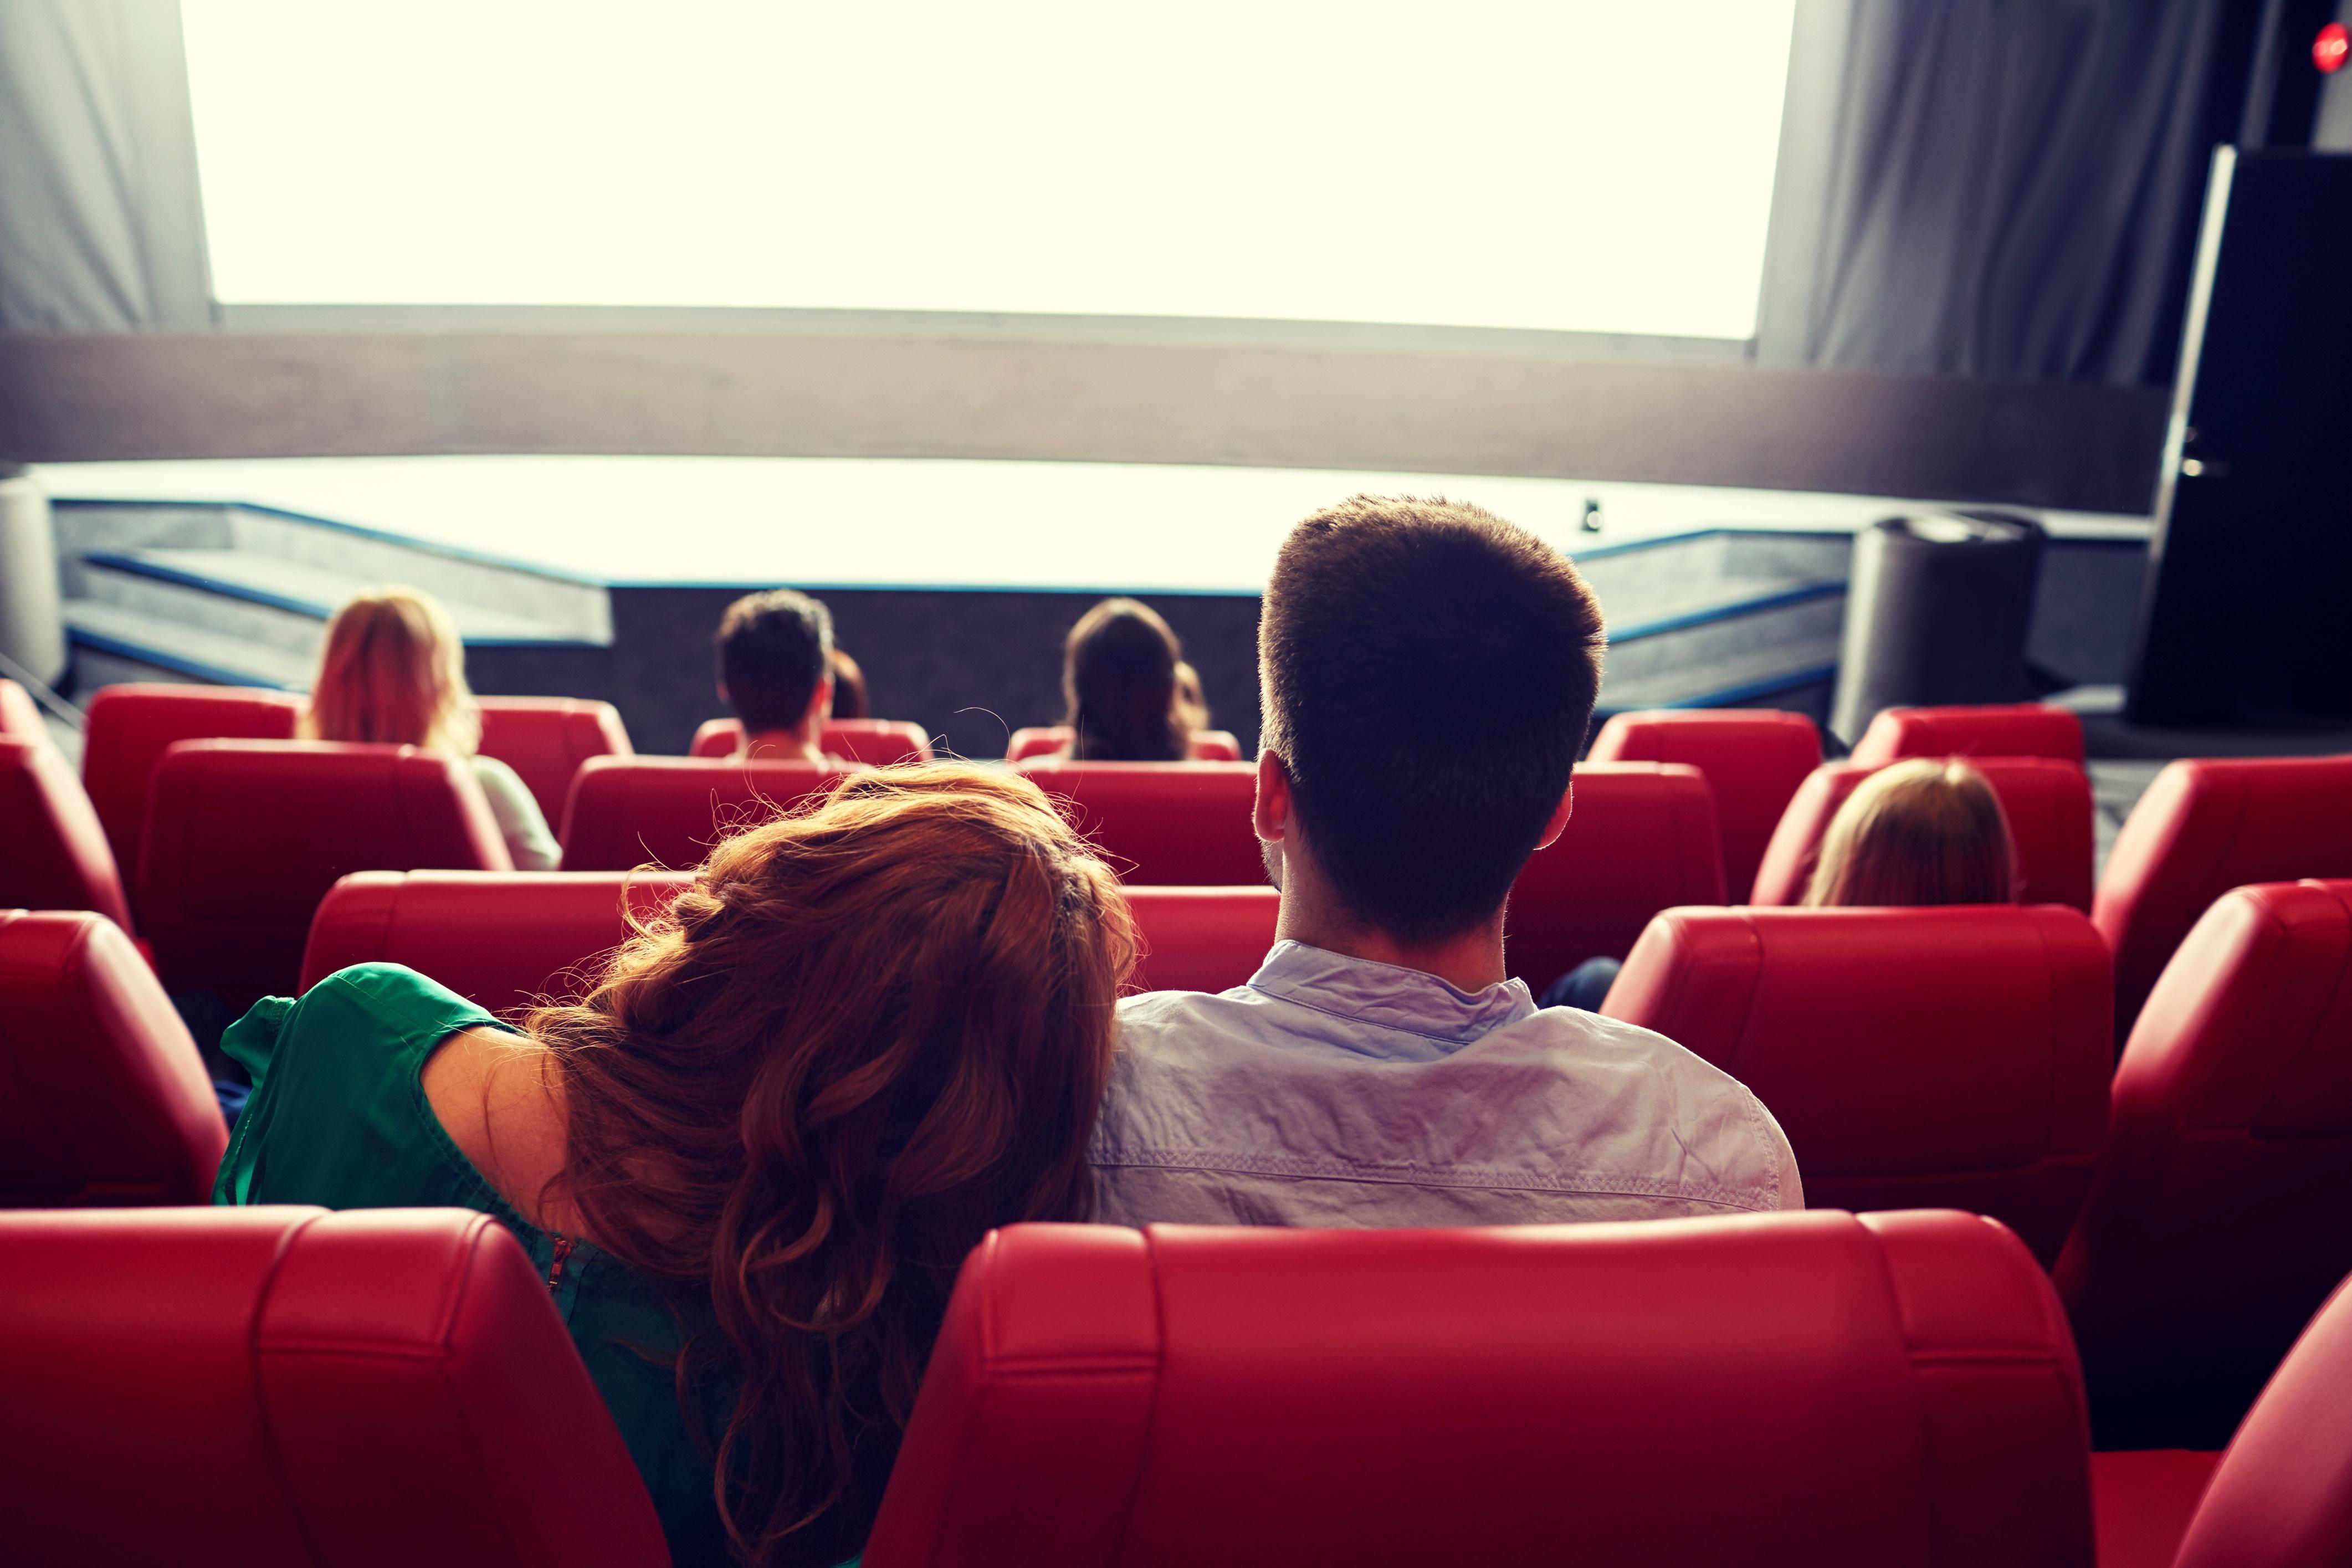 Kino-Tatran-Poprad